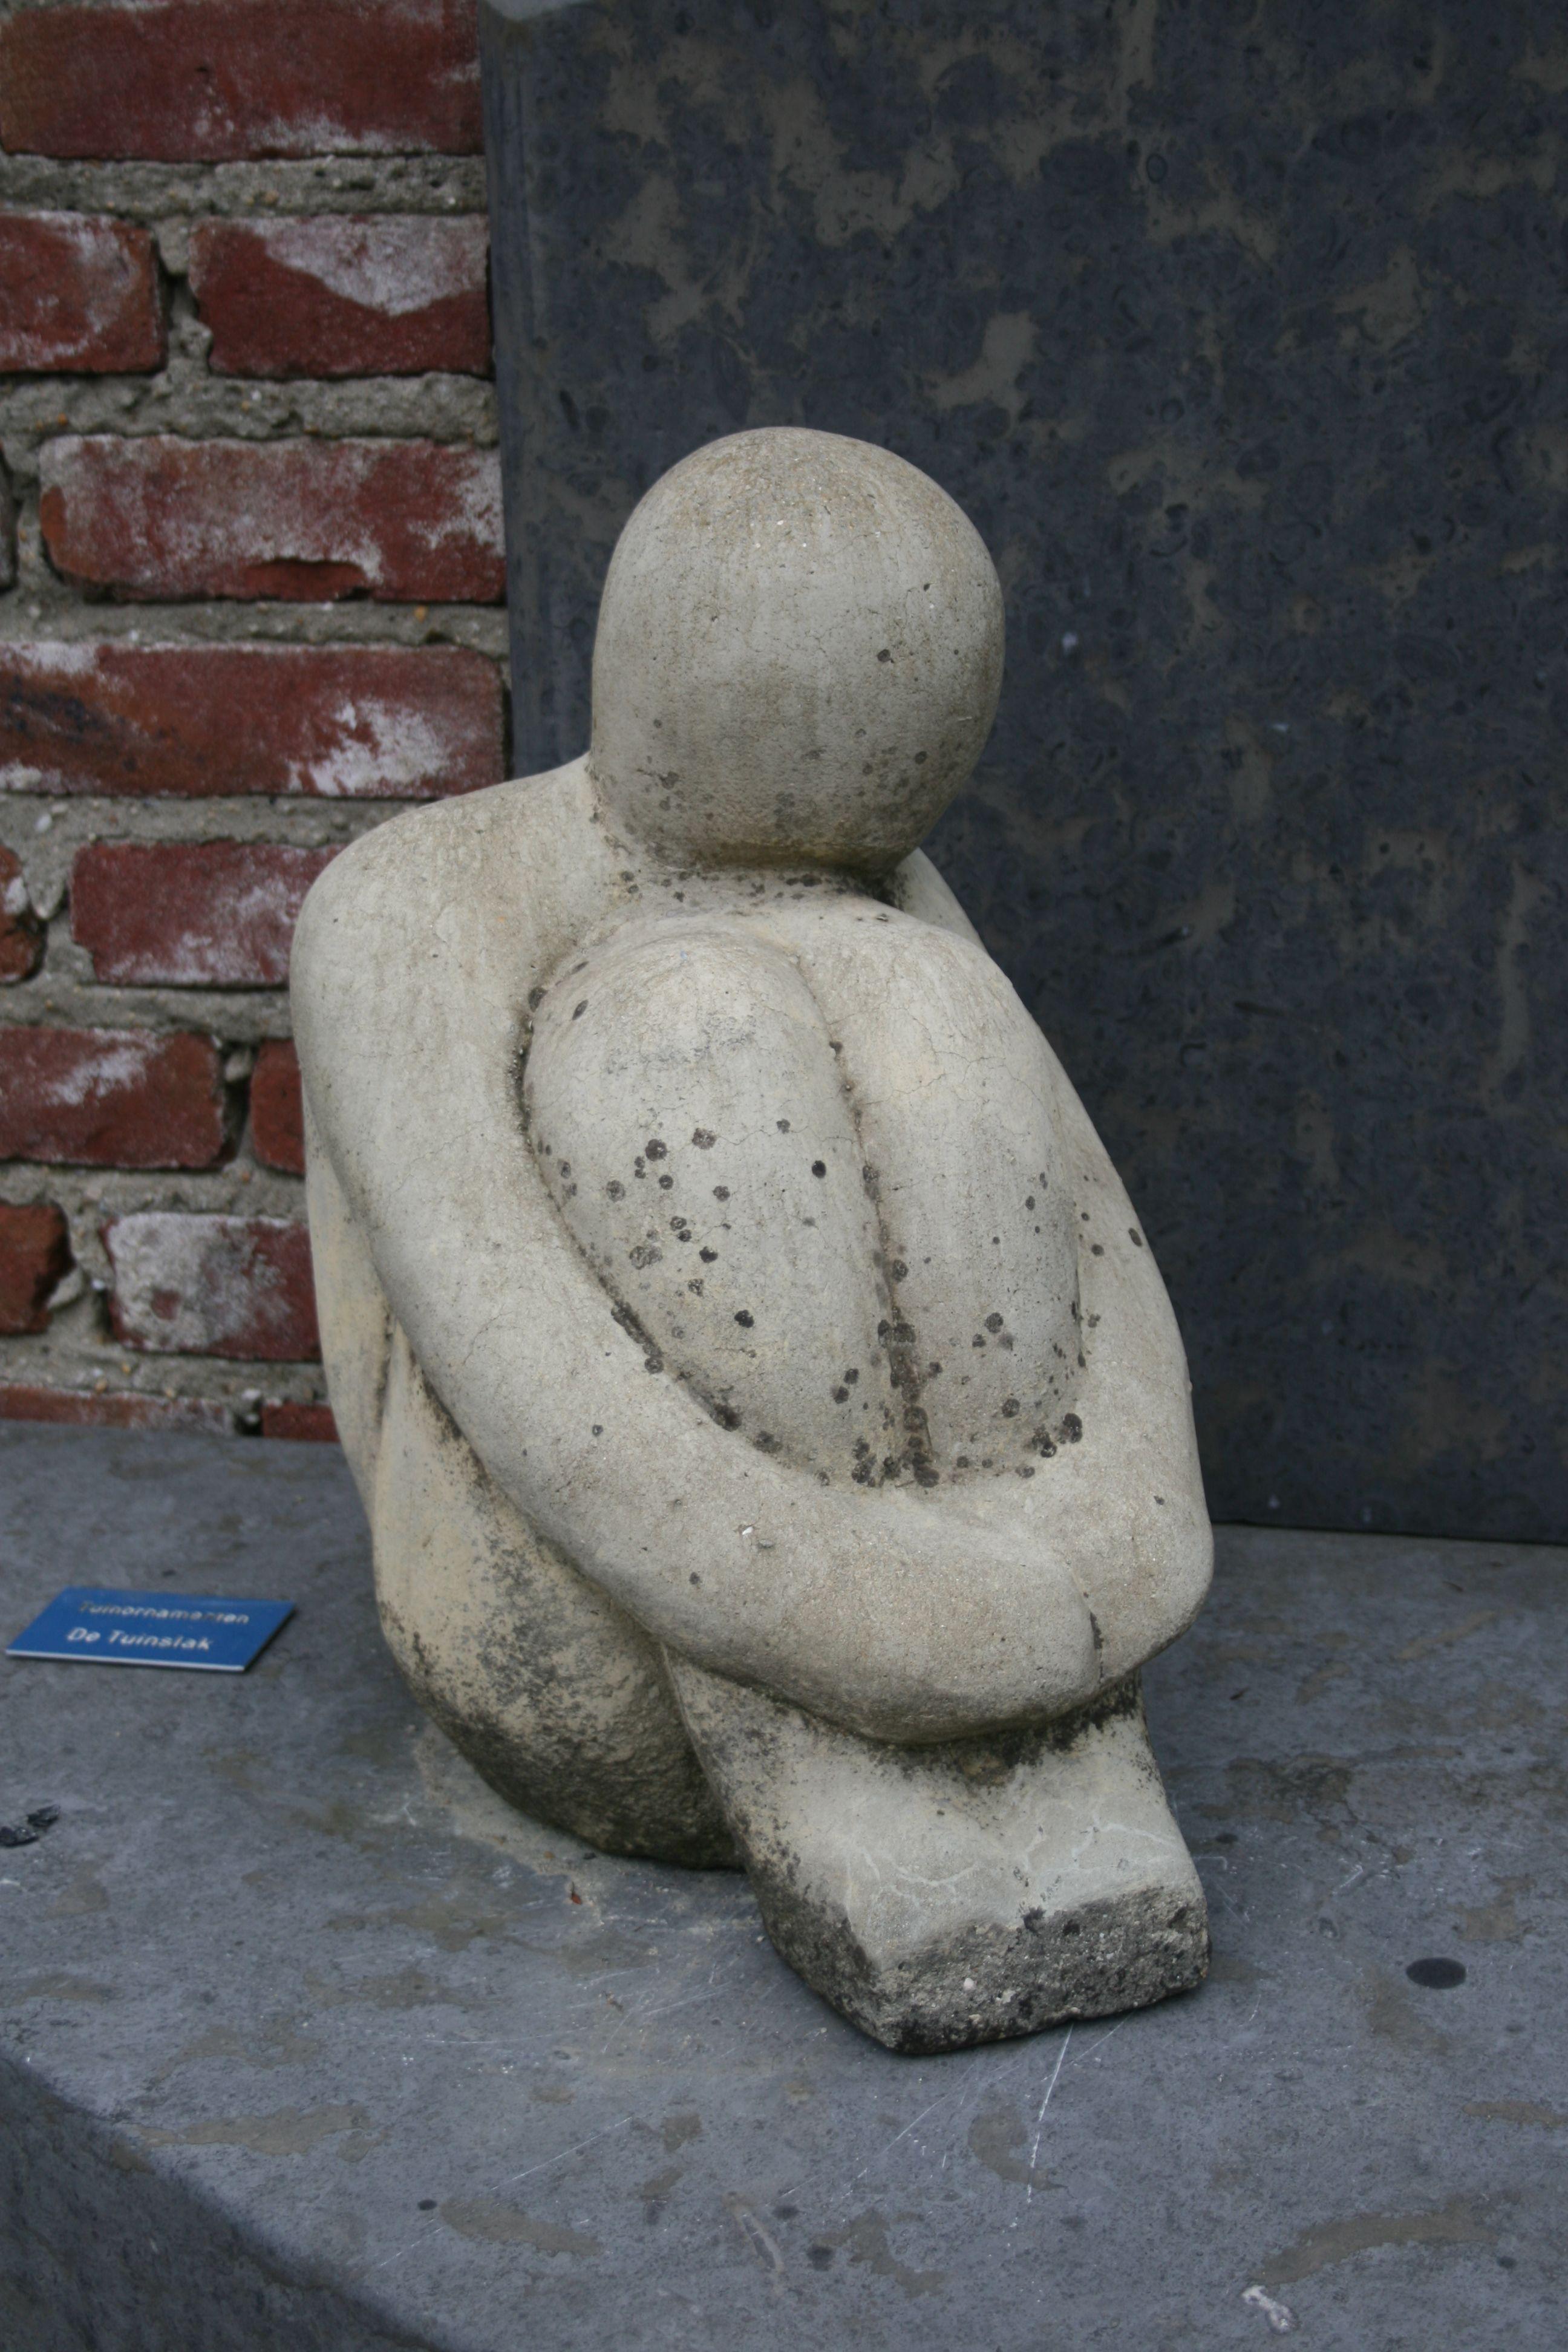 Betonskulptur Gartenreise Holland Appeltern Ceramic Sculpture Figurative Pottery Sculpture Sculpture Art